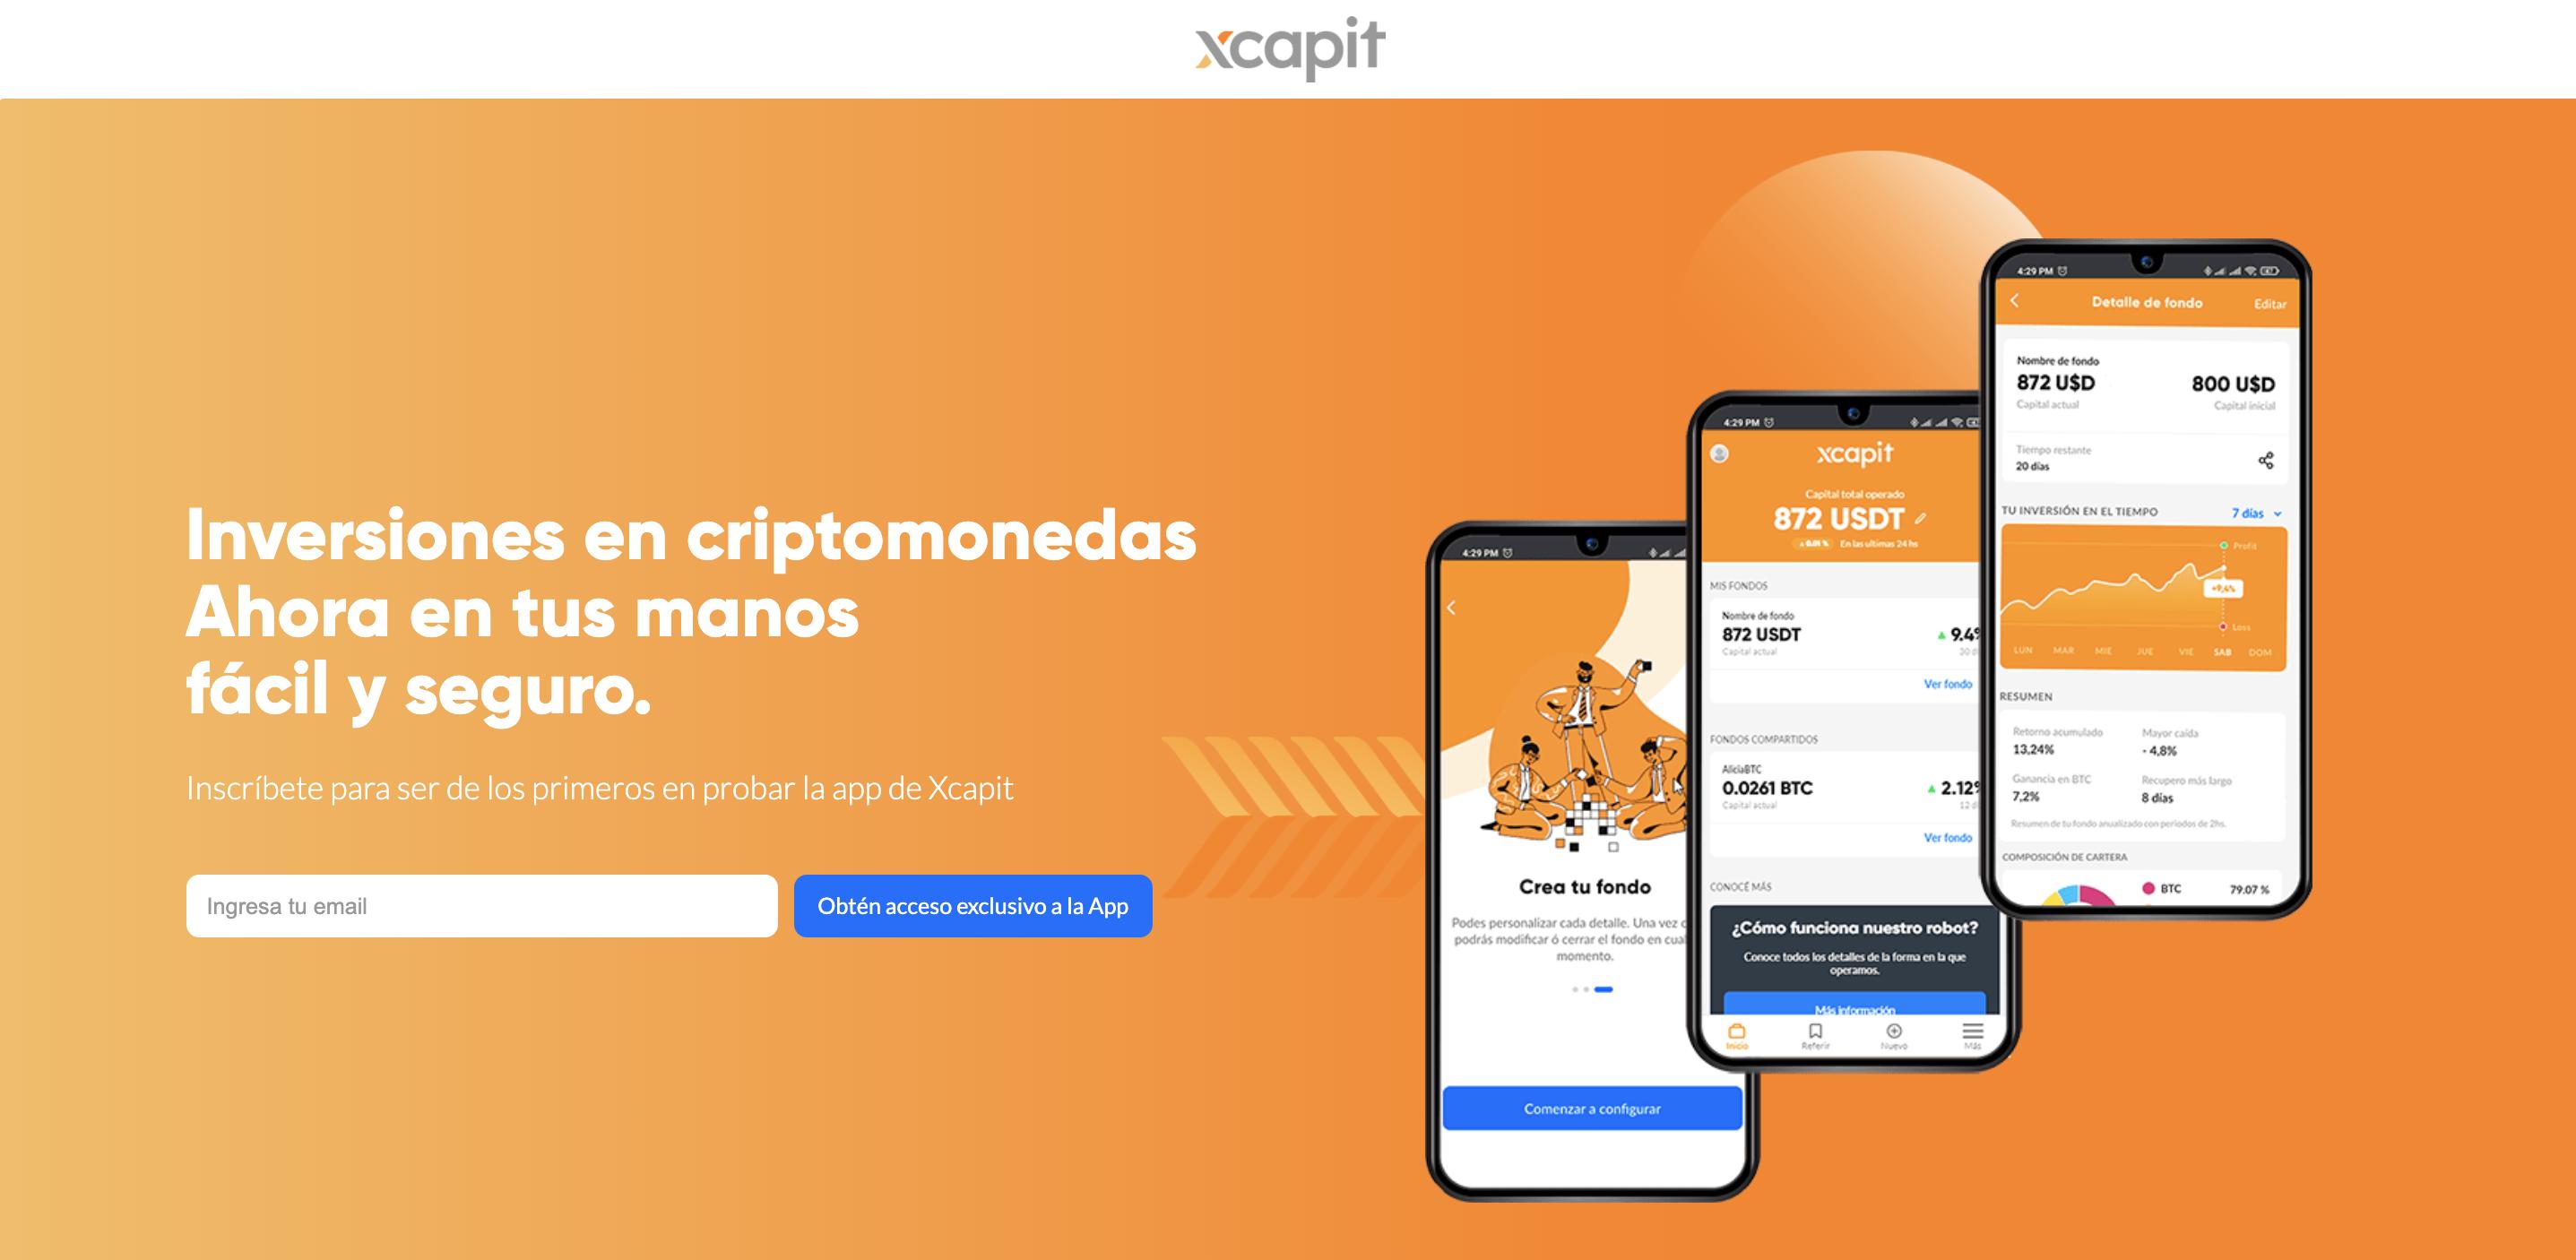 ¡Xcapit lanzó su app con importantes beneficios! 📱